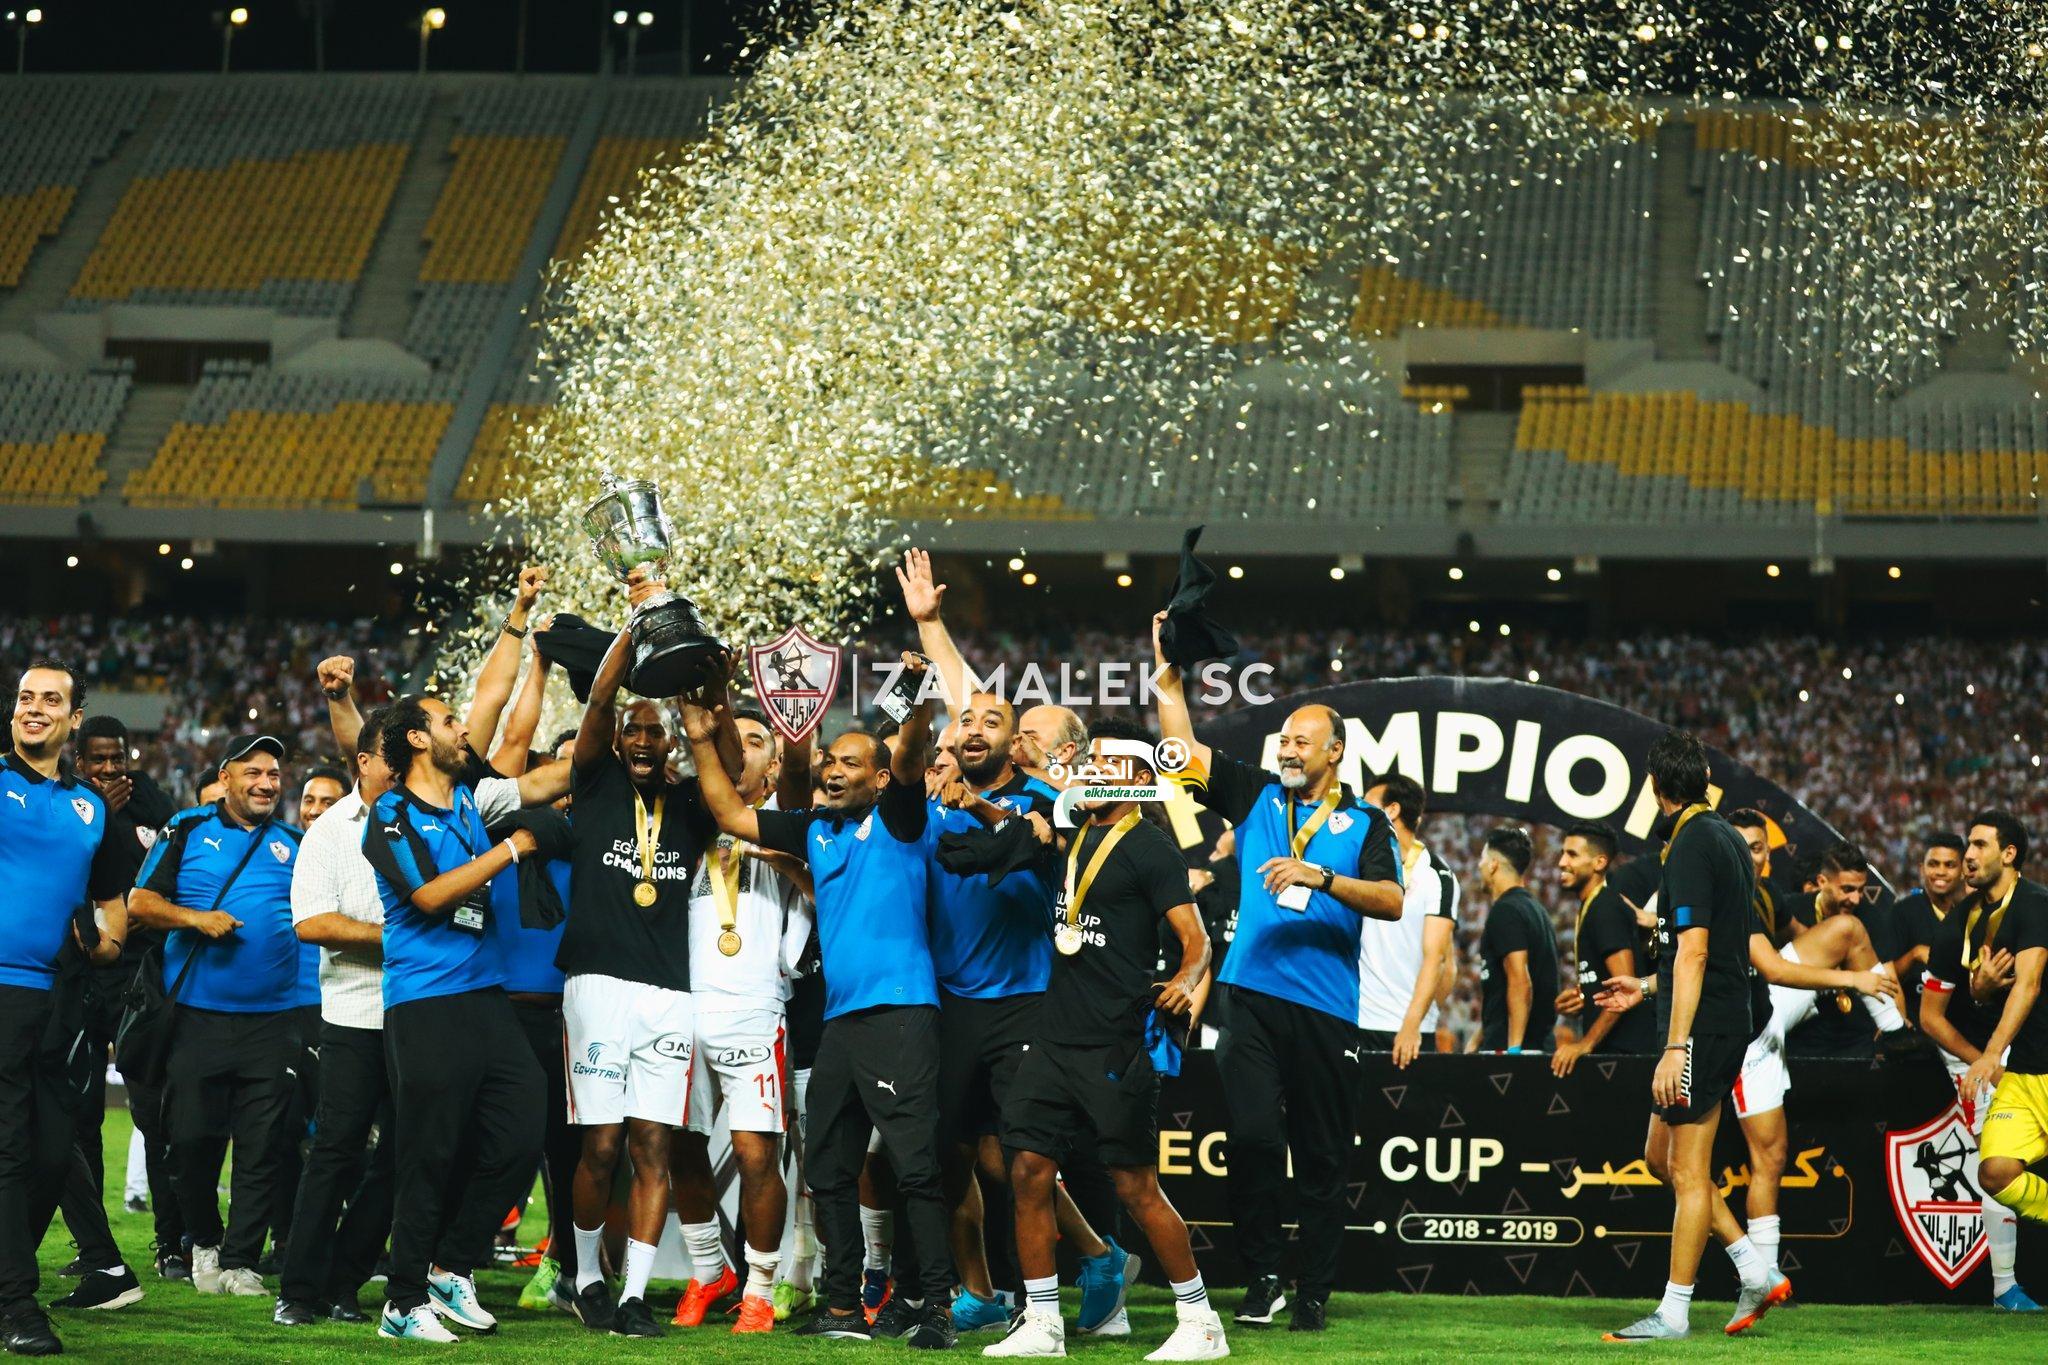 الزمالك يتوج بكأس مصر للمرة الـ27 في تاريخه 20